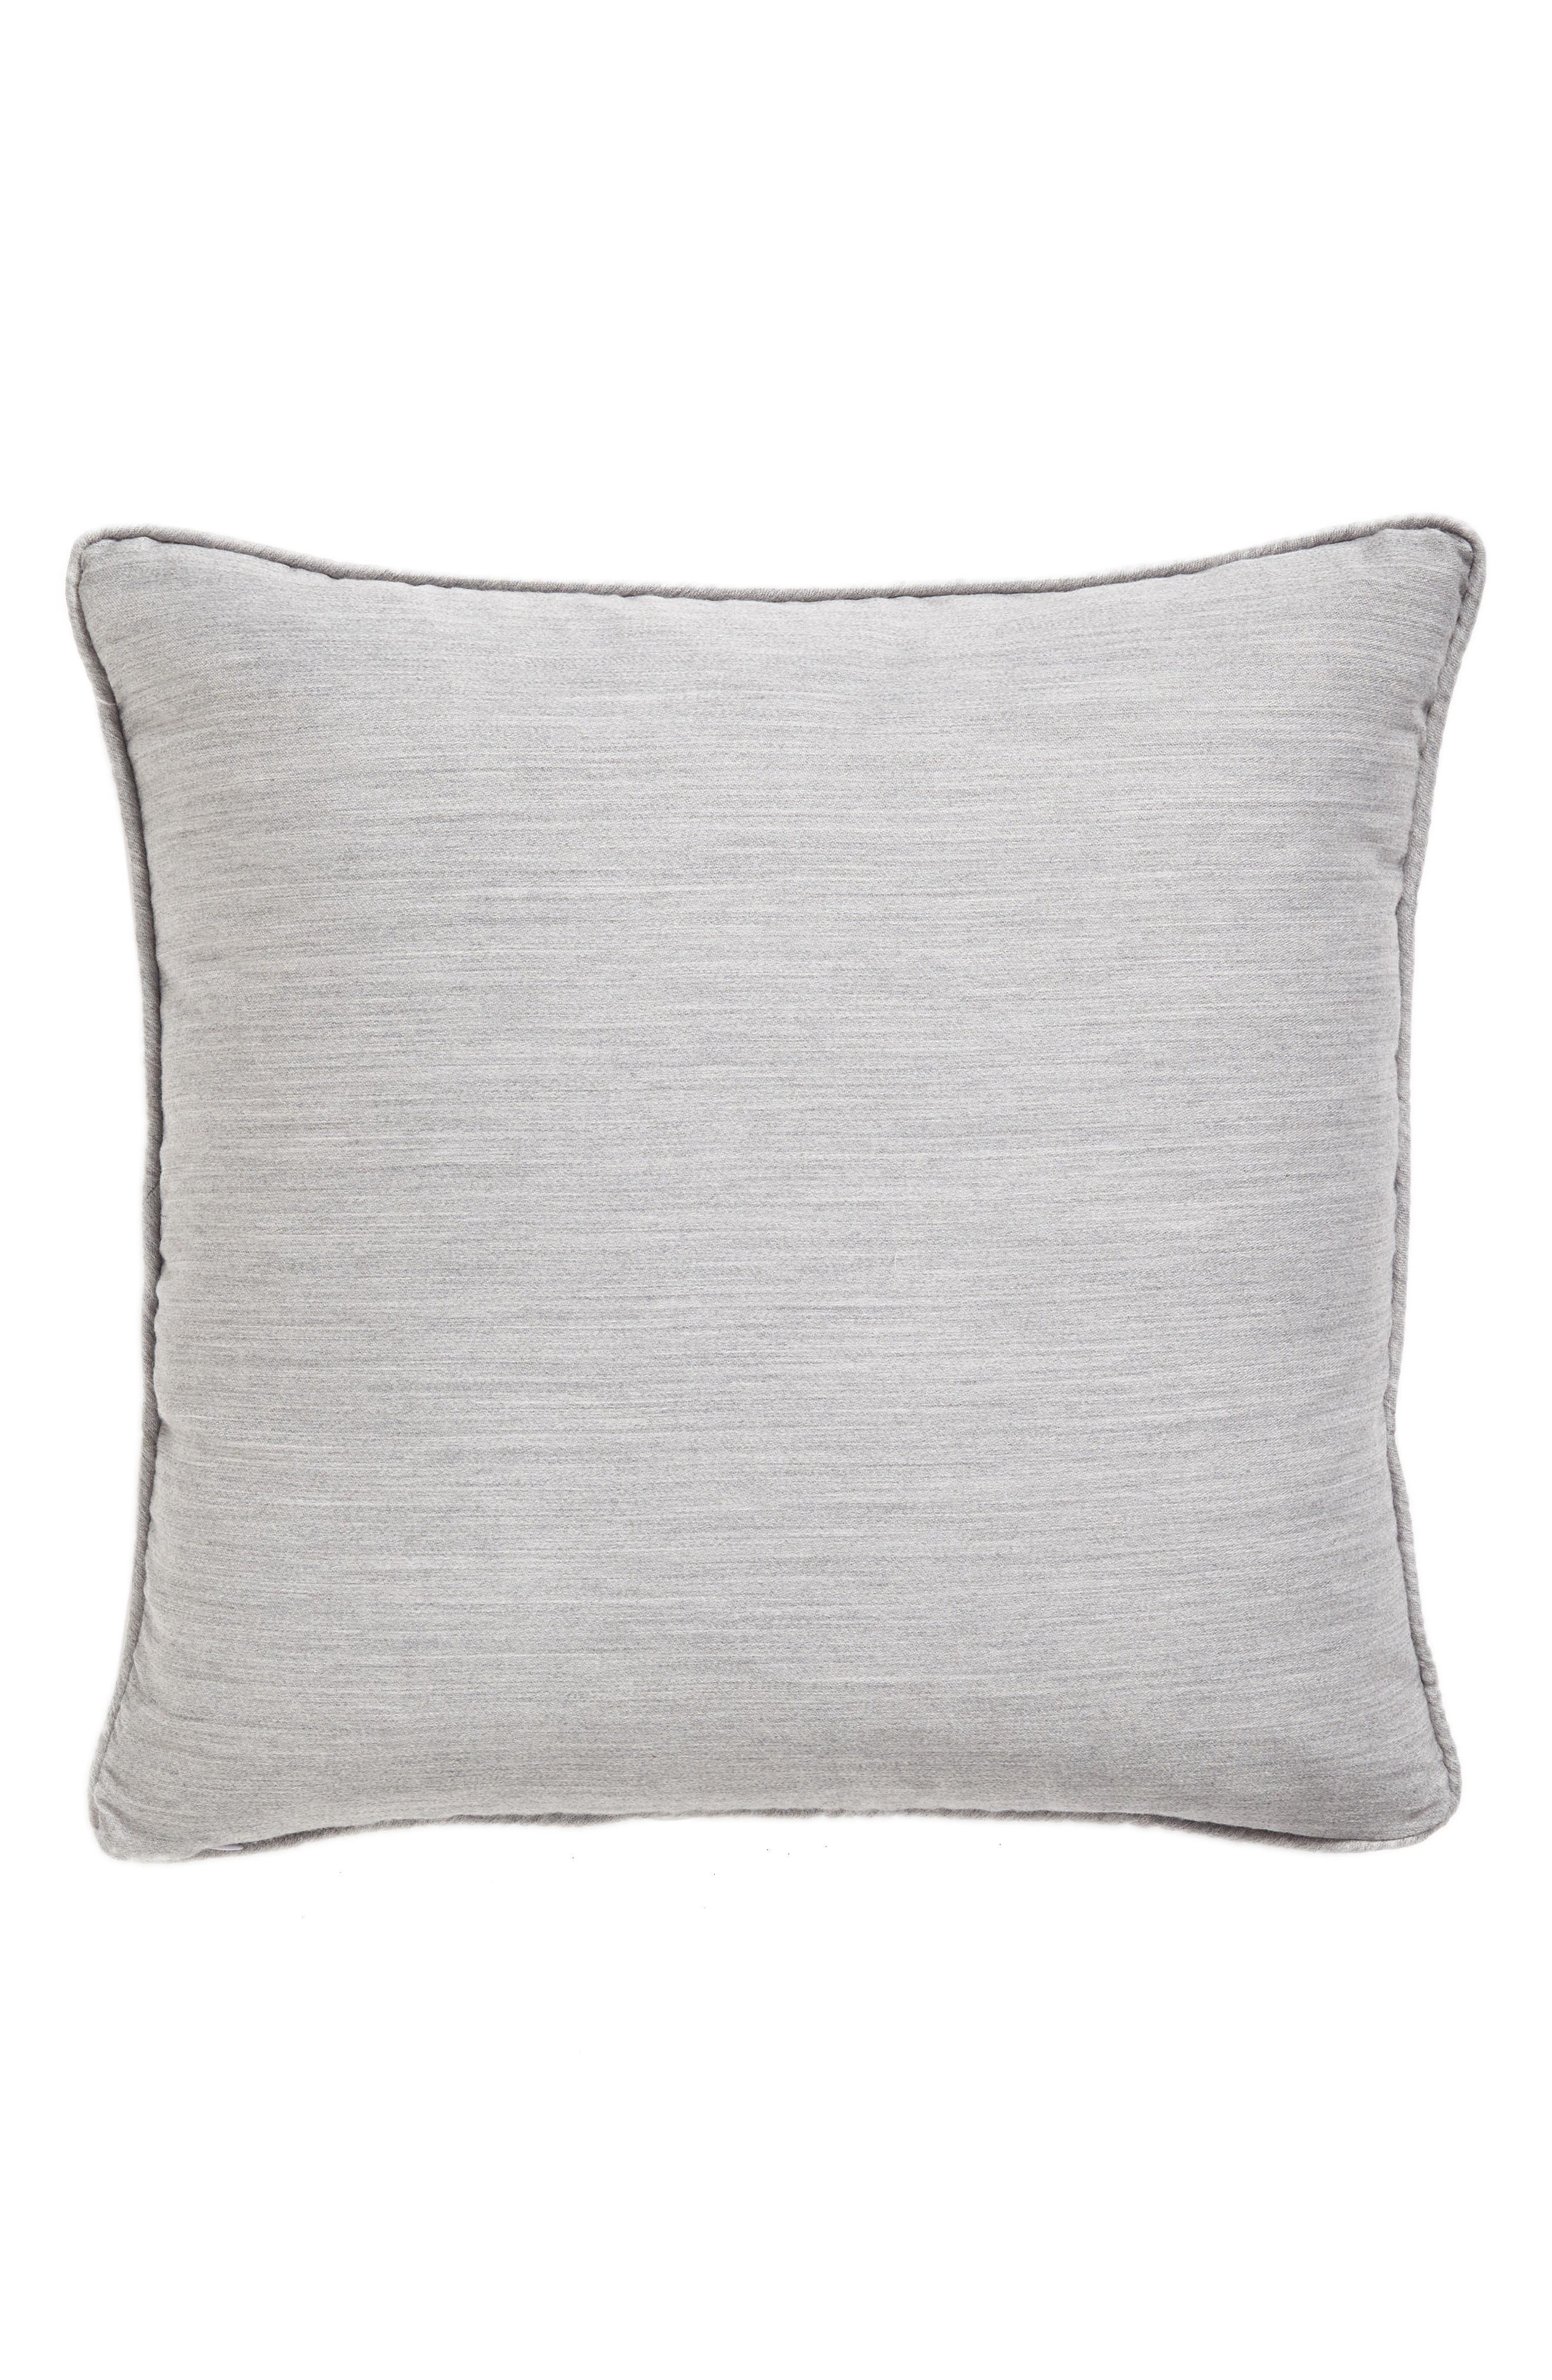 Main Image - SFERRA Brione Accent Pillow